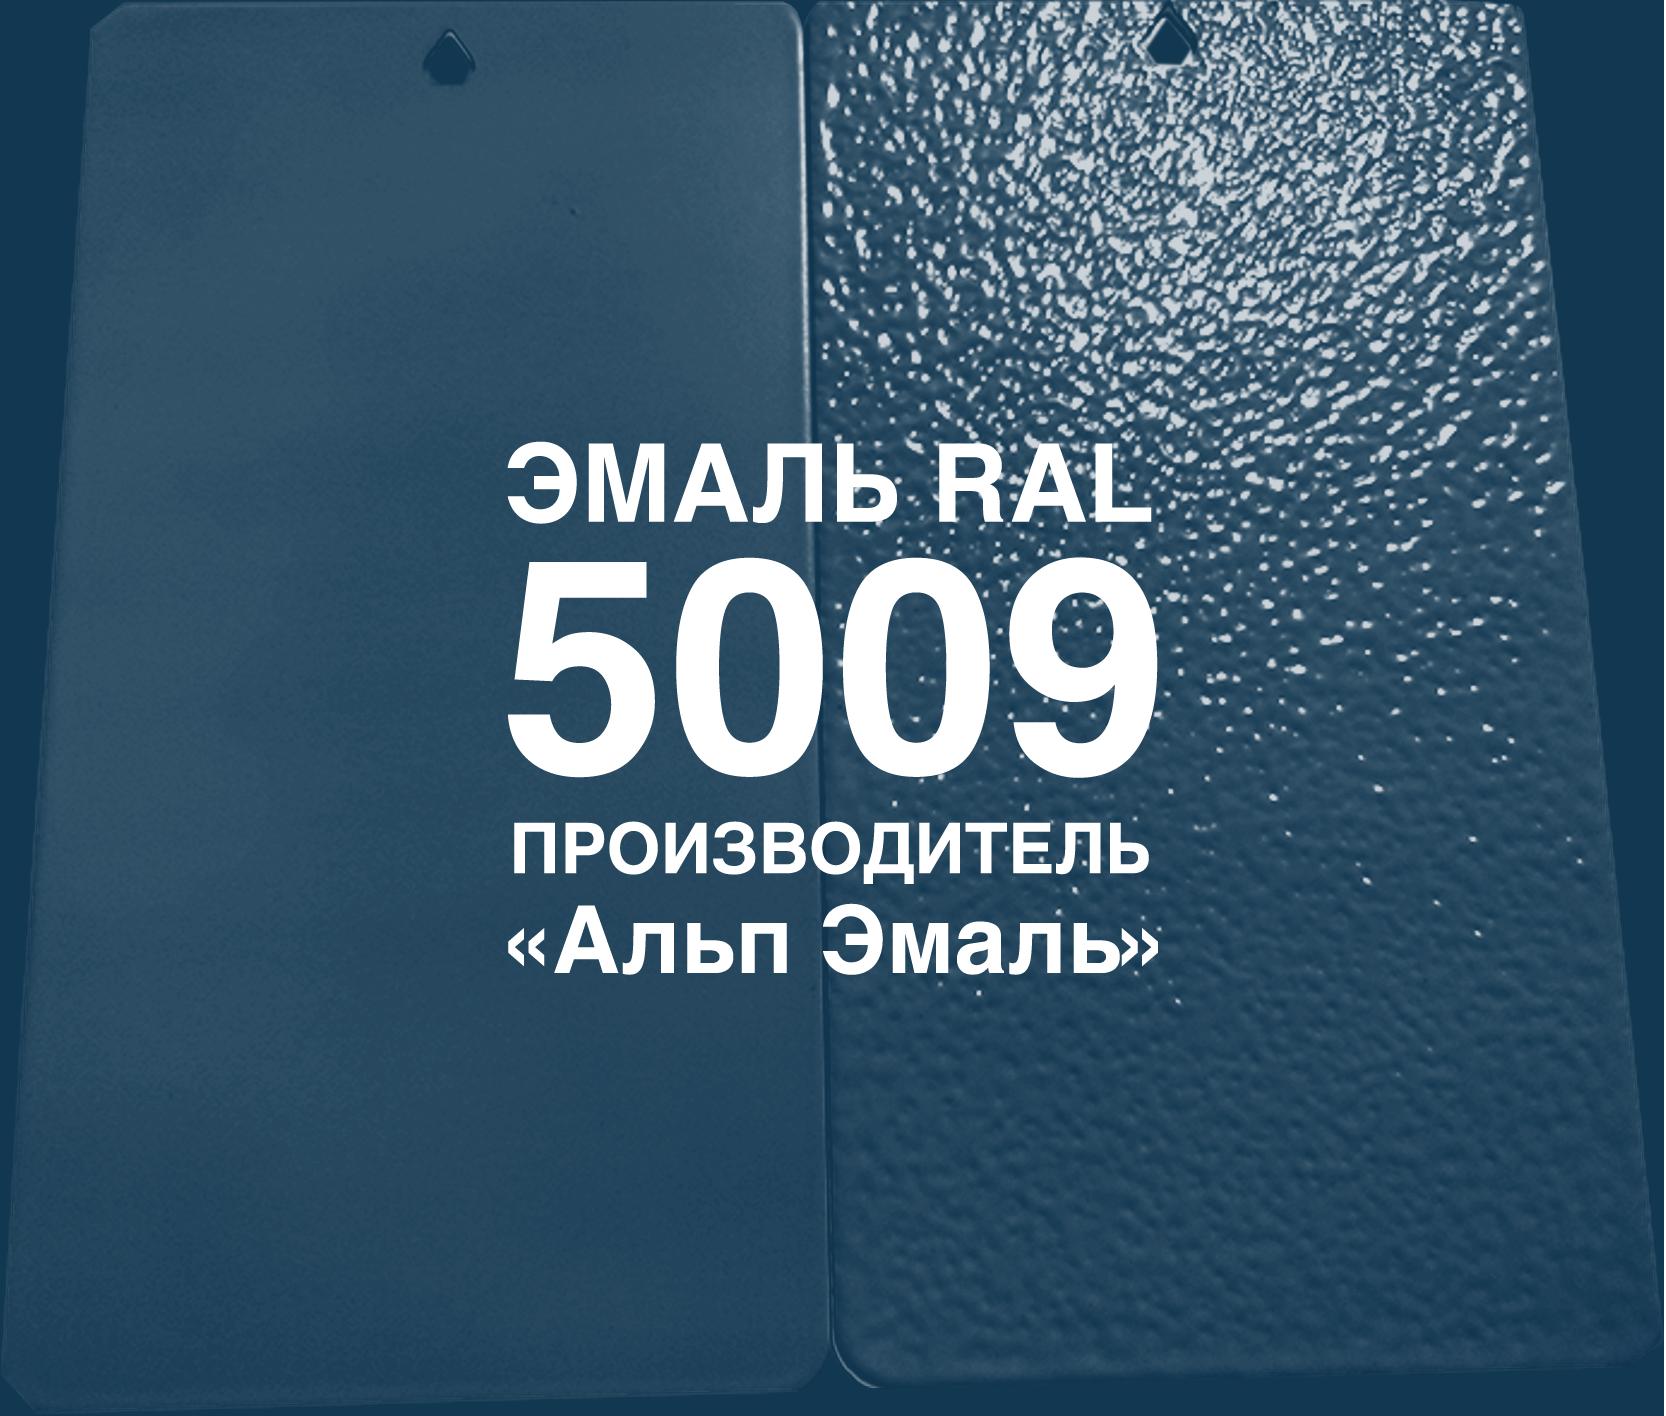 Краска эмаль RAL 5009 синяя ЗАО Альп Эмаль